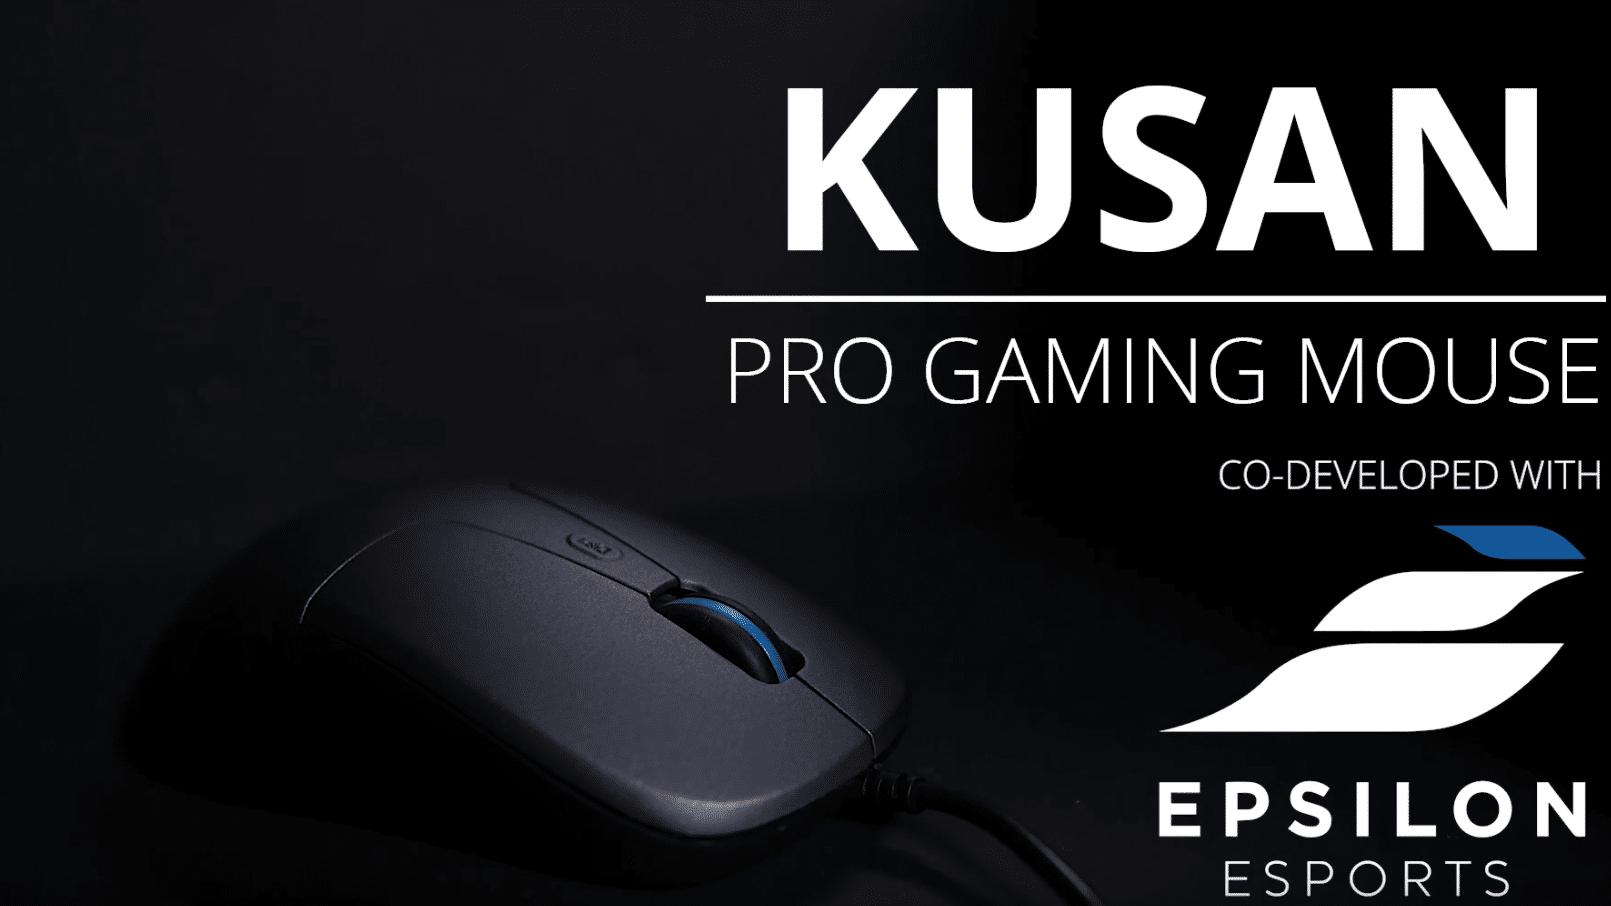 Photo of Neue Gaming-Maus von Trust: GXT180 Kusan Pro